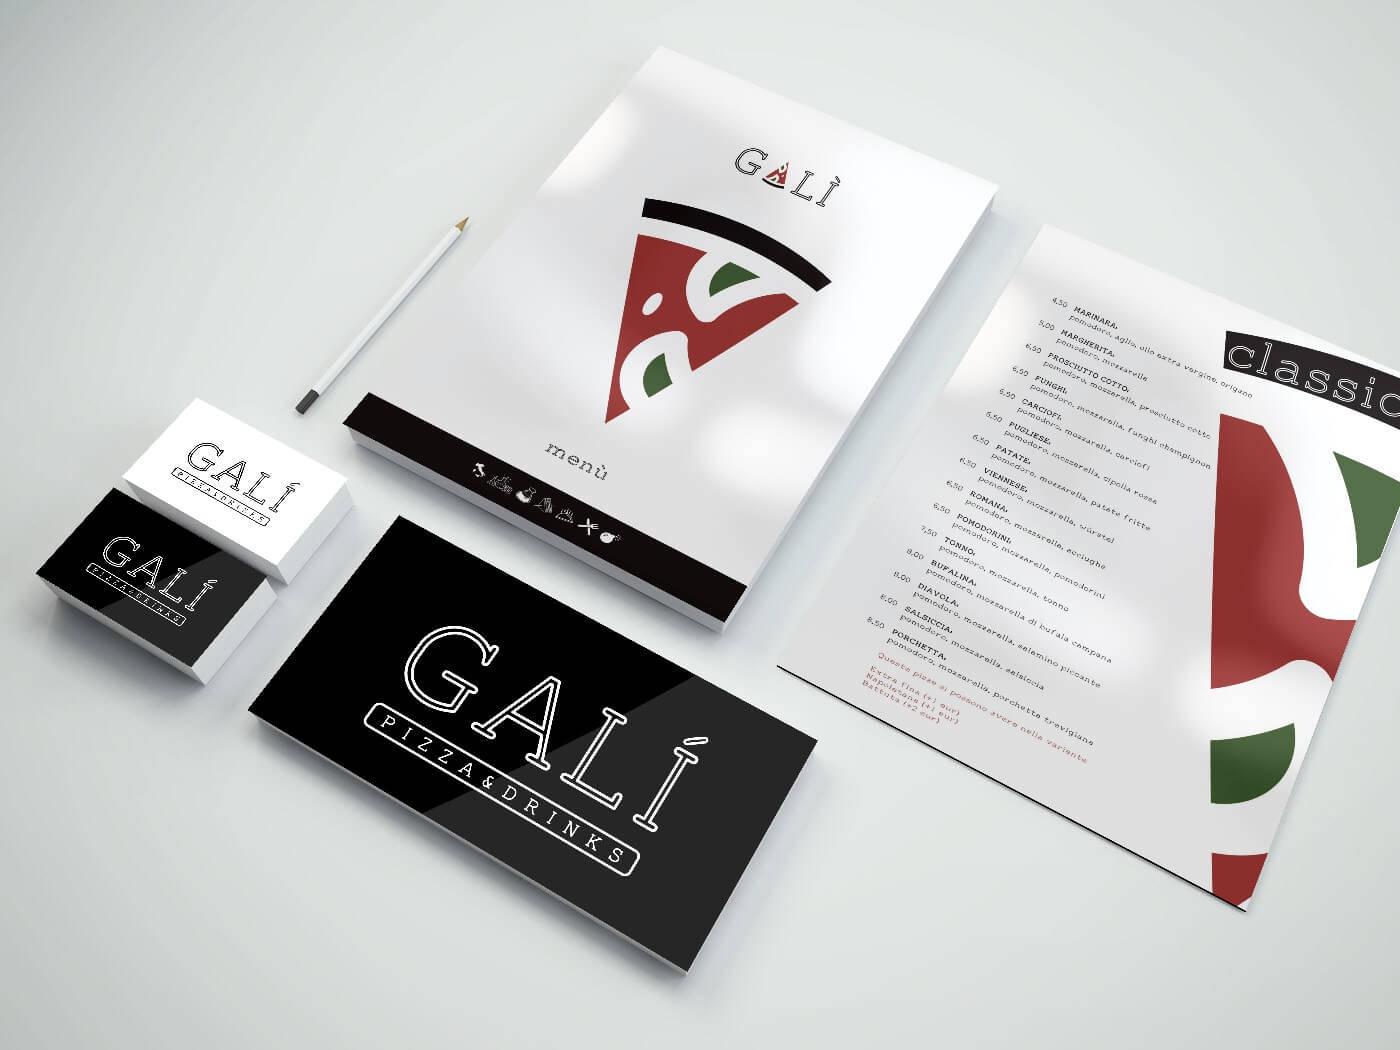 grafica pubblicitaria a Belluno - giamp.info - grafica volantini, pieghevoli, logo, locandina